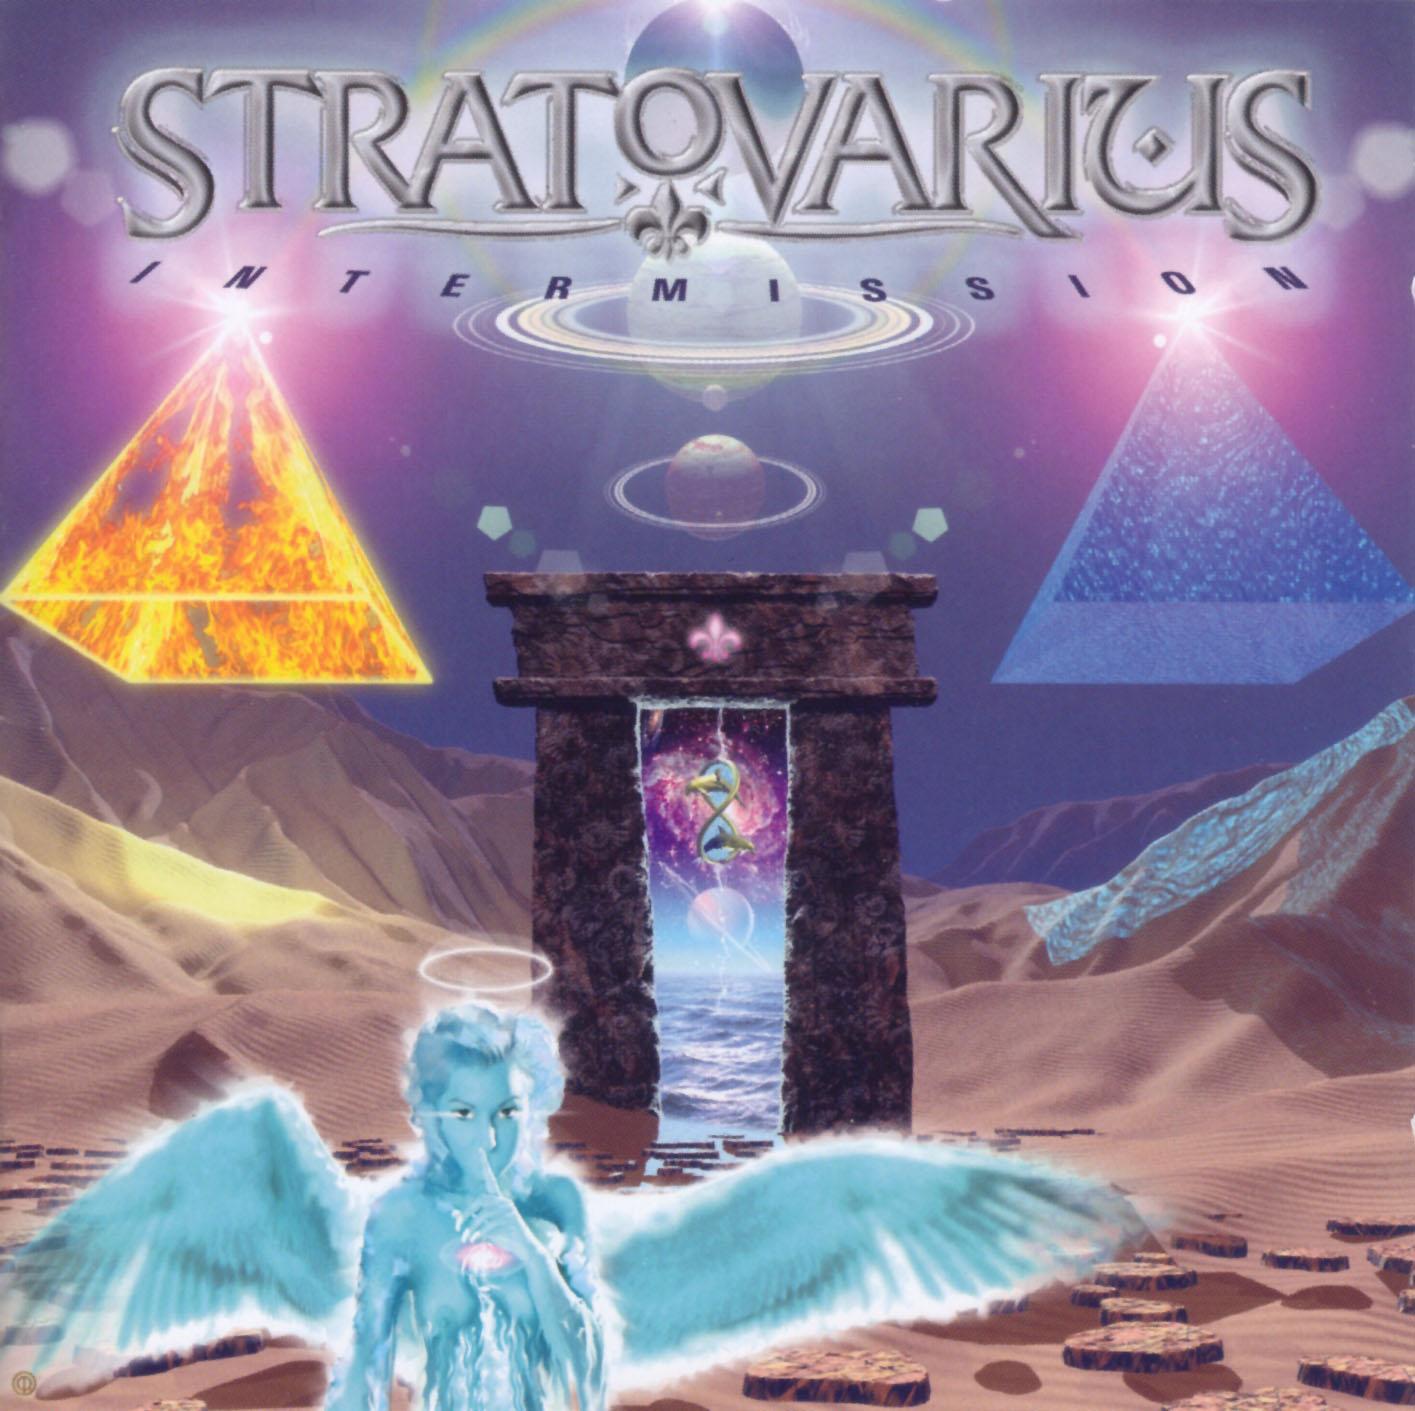 http://4.bp.blogspot.com/_1CymzCzlg1w/TCYxMT3KuNI/AAAAAAAAACw/gW9CKnUStTI/s1600/Stratovarius-Intermissio97769.jpg